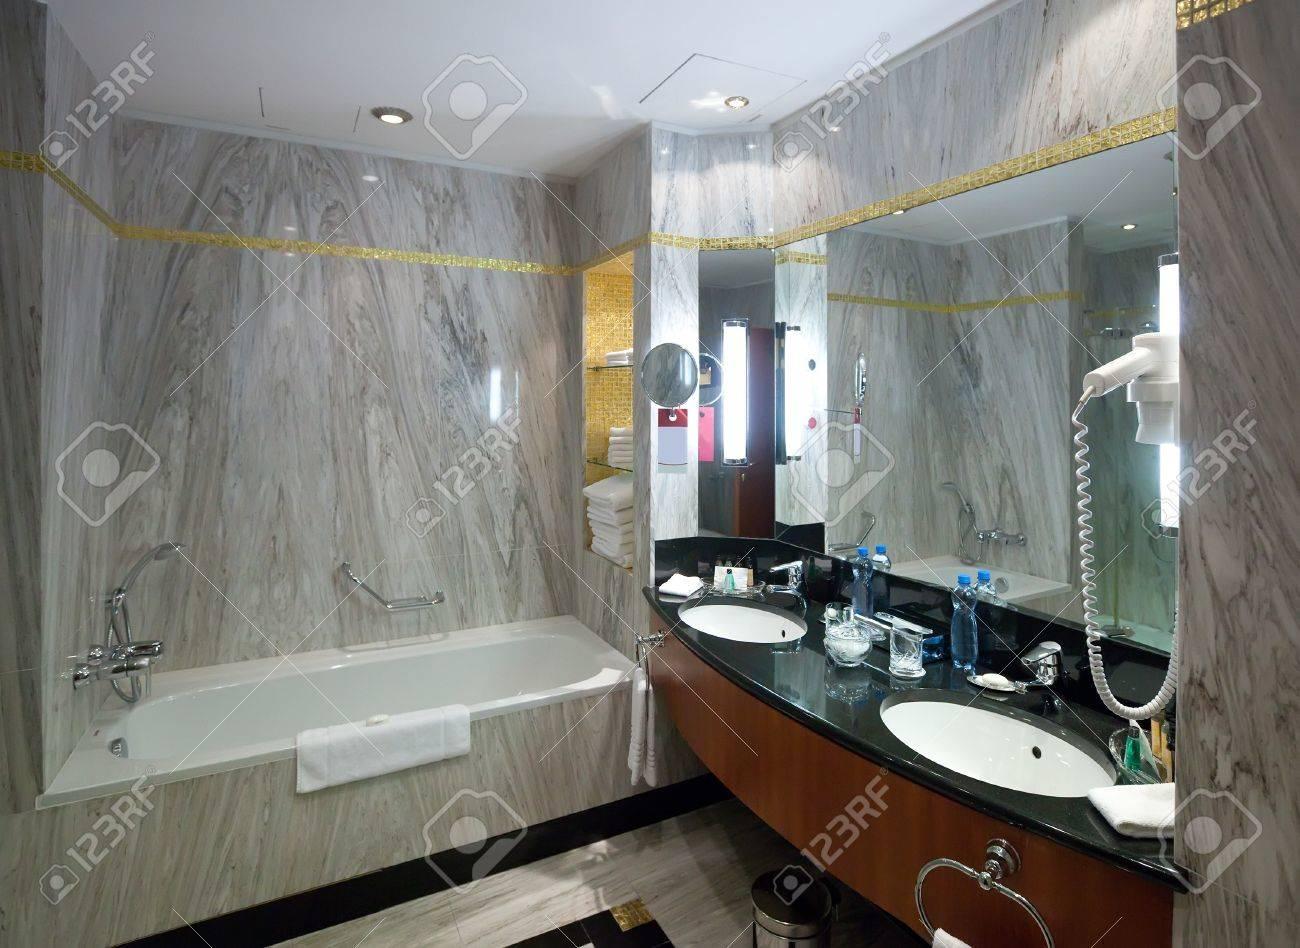 archivio fotografico interni dei bagni con pareti in marmo